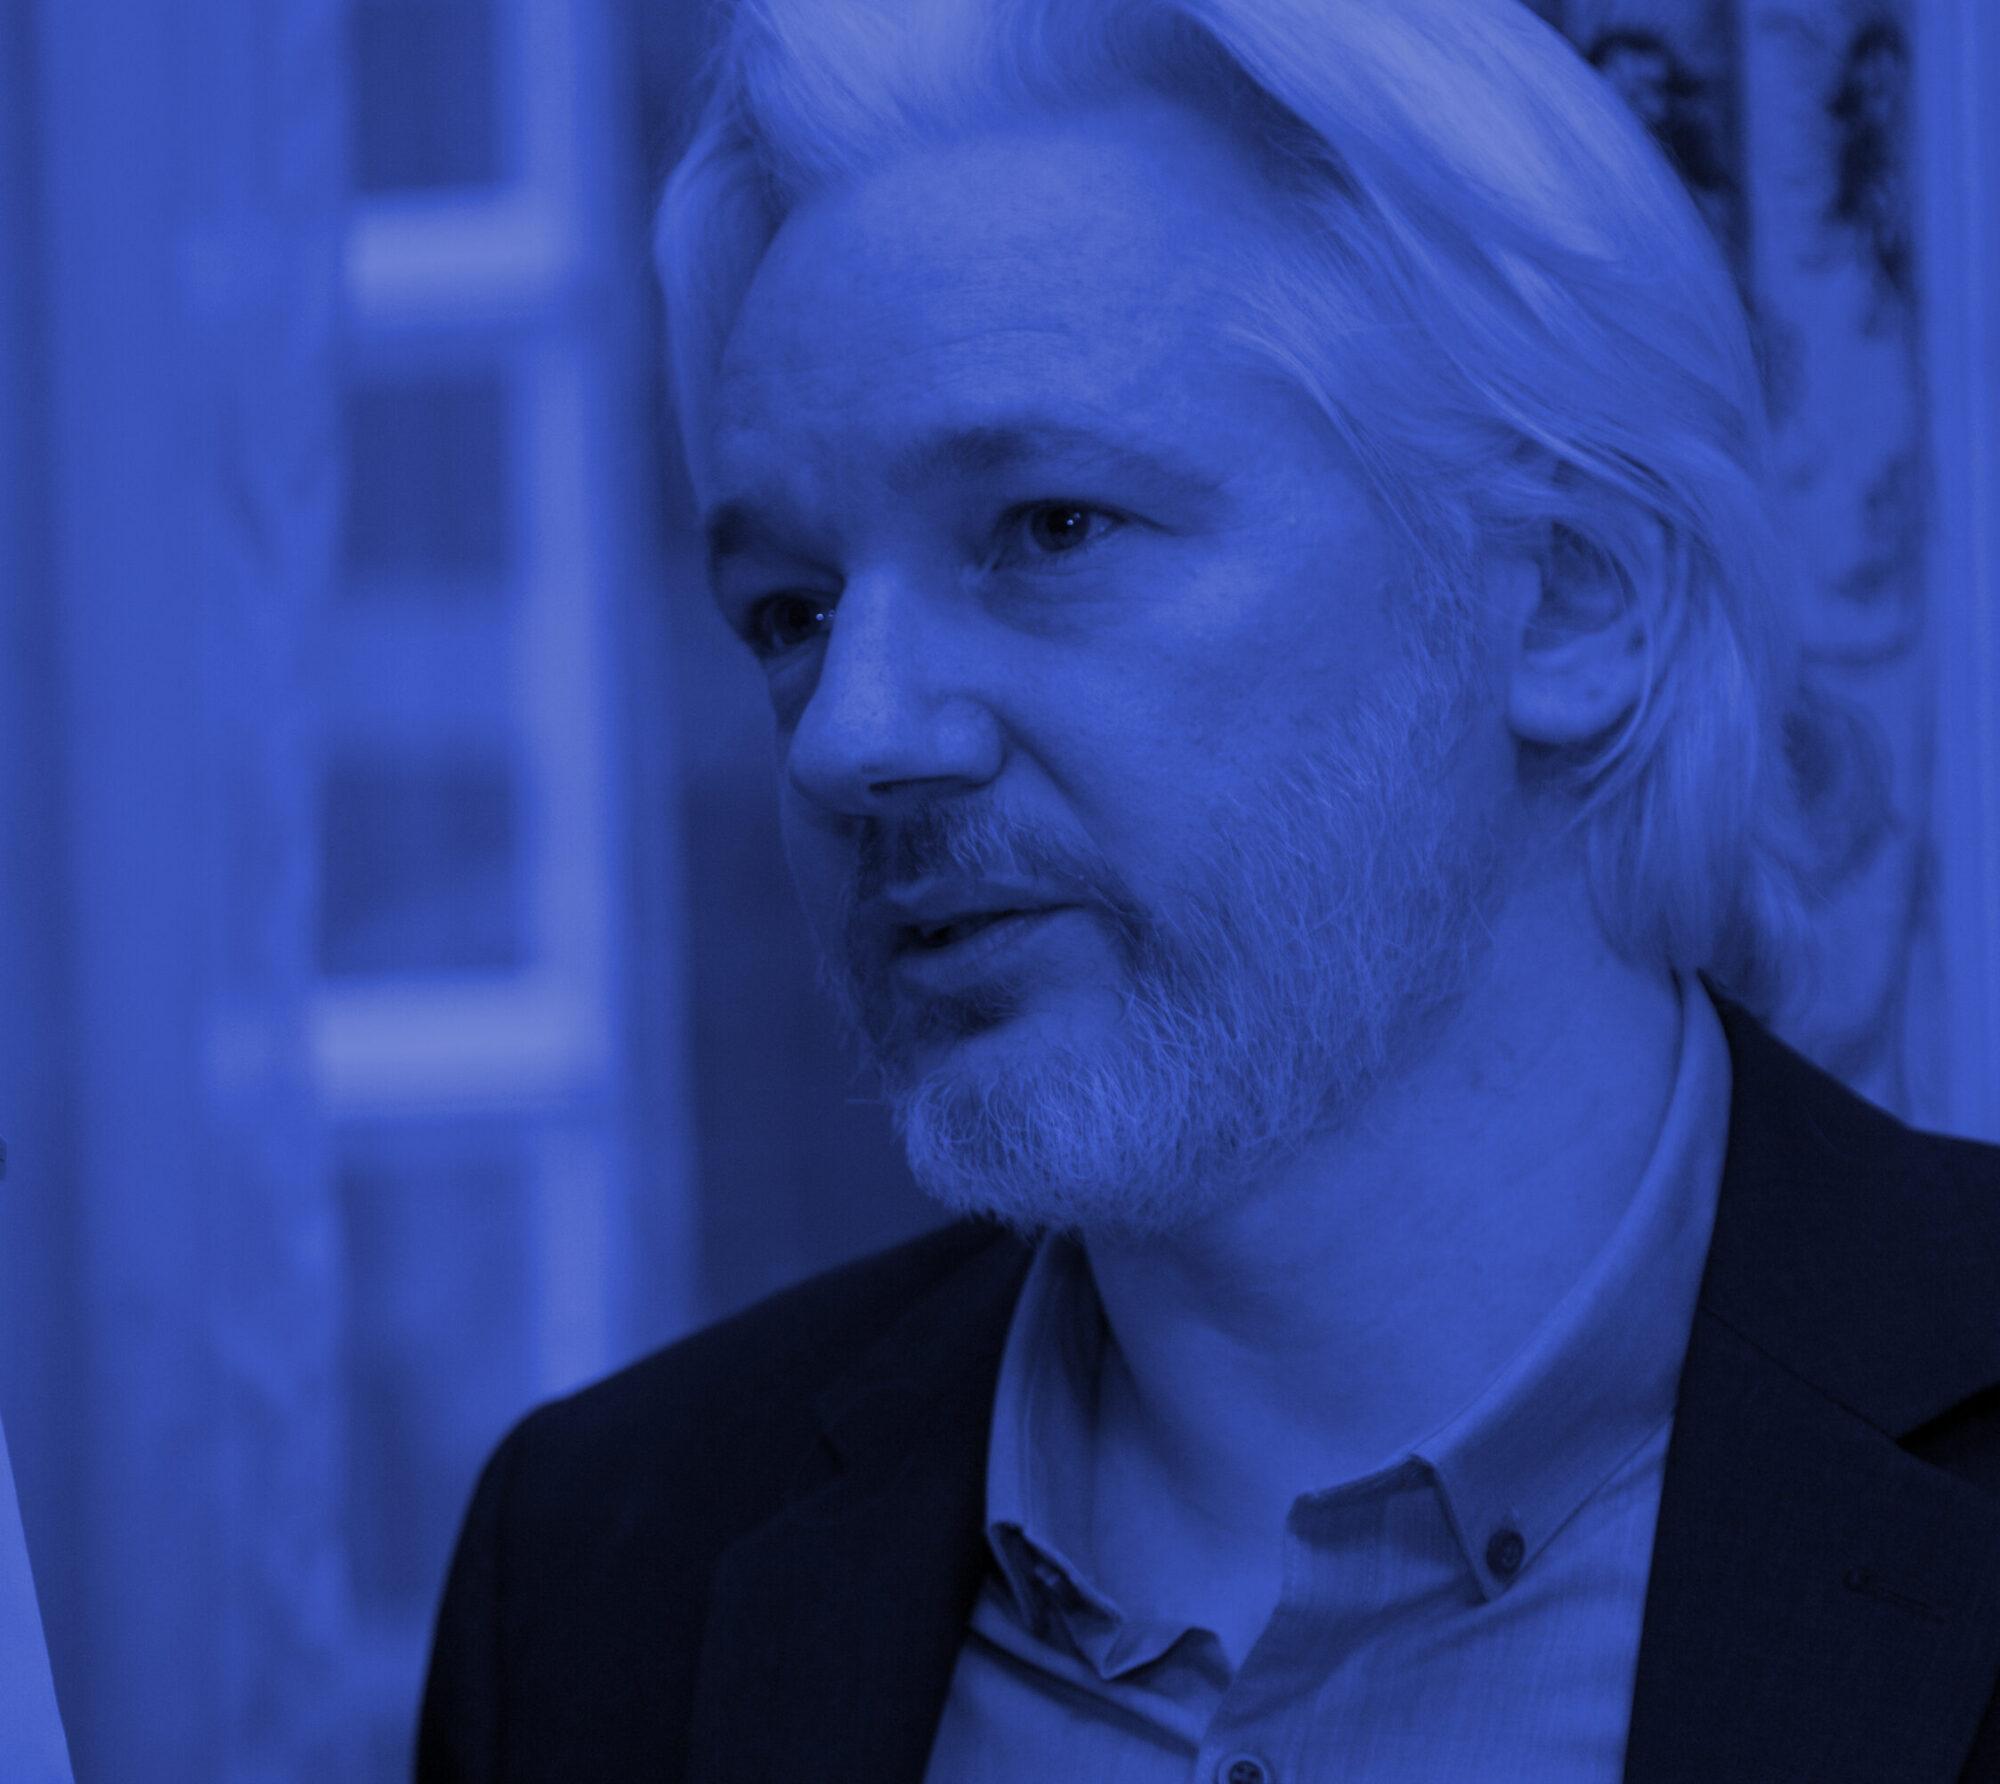 Menschenrechte für Julian Assange – für Rechtsstaatlichkeit und Pressefreiheit!